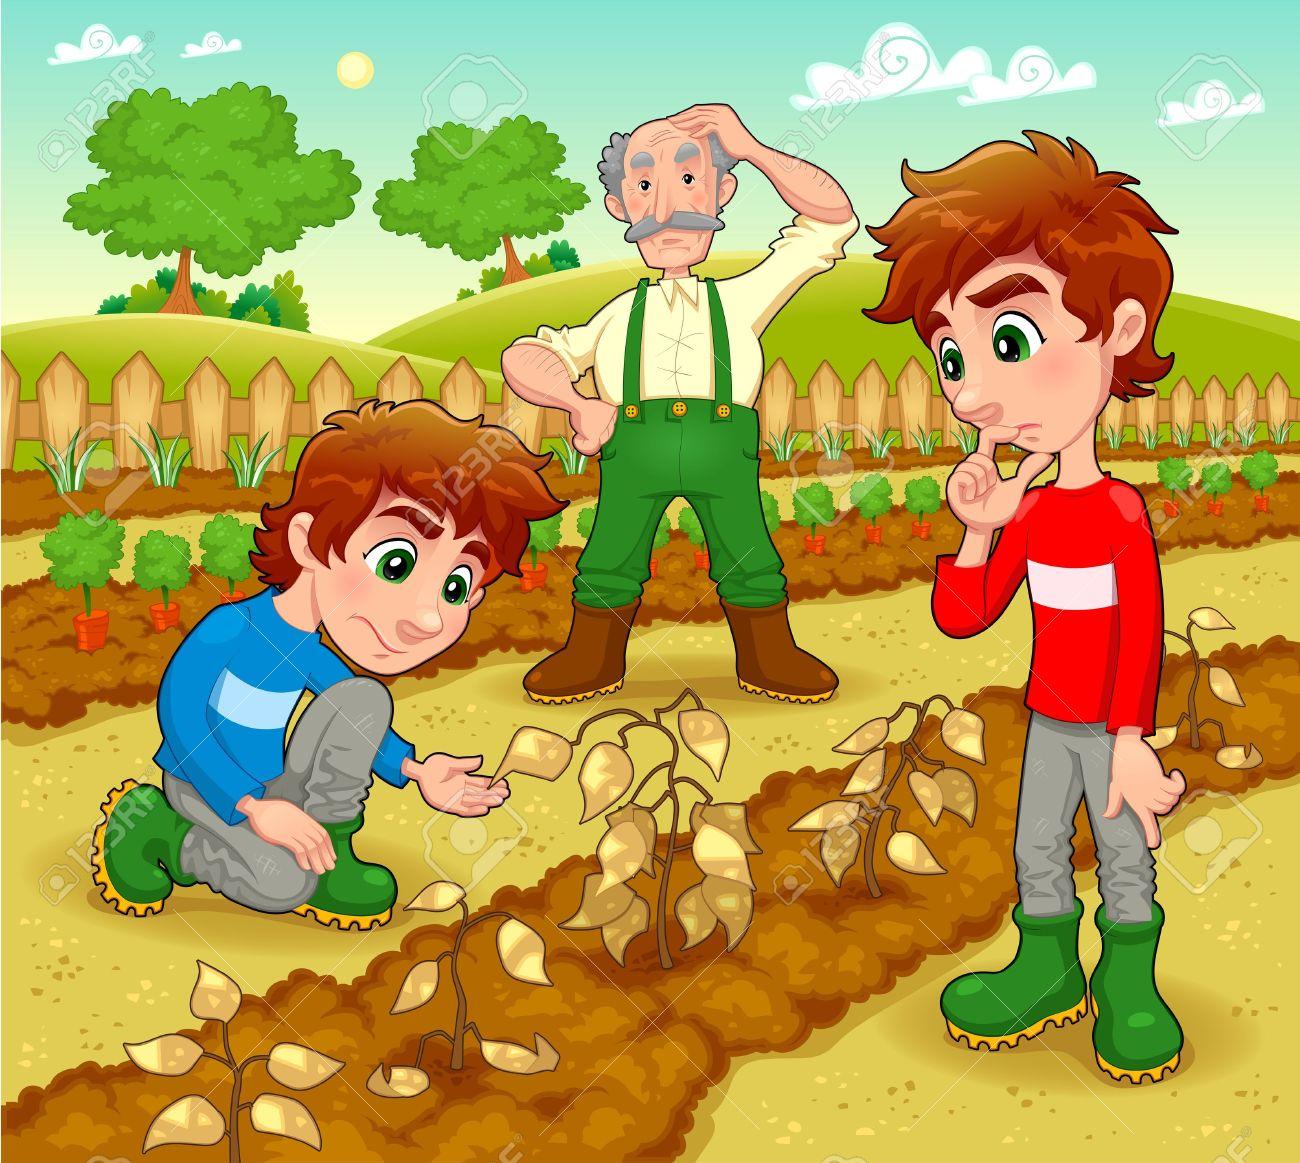 Vegetable garden kids drawing - Vegetable Garden Funny Scene In The Vegetable Garden